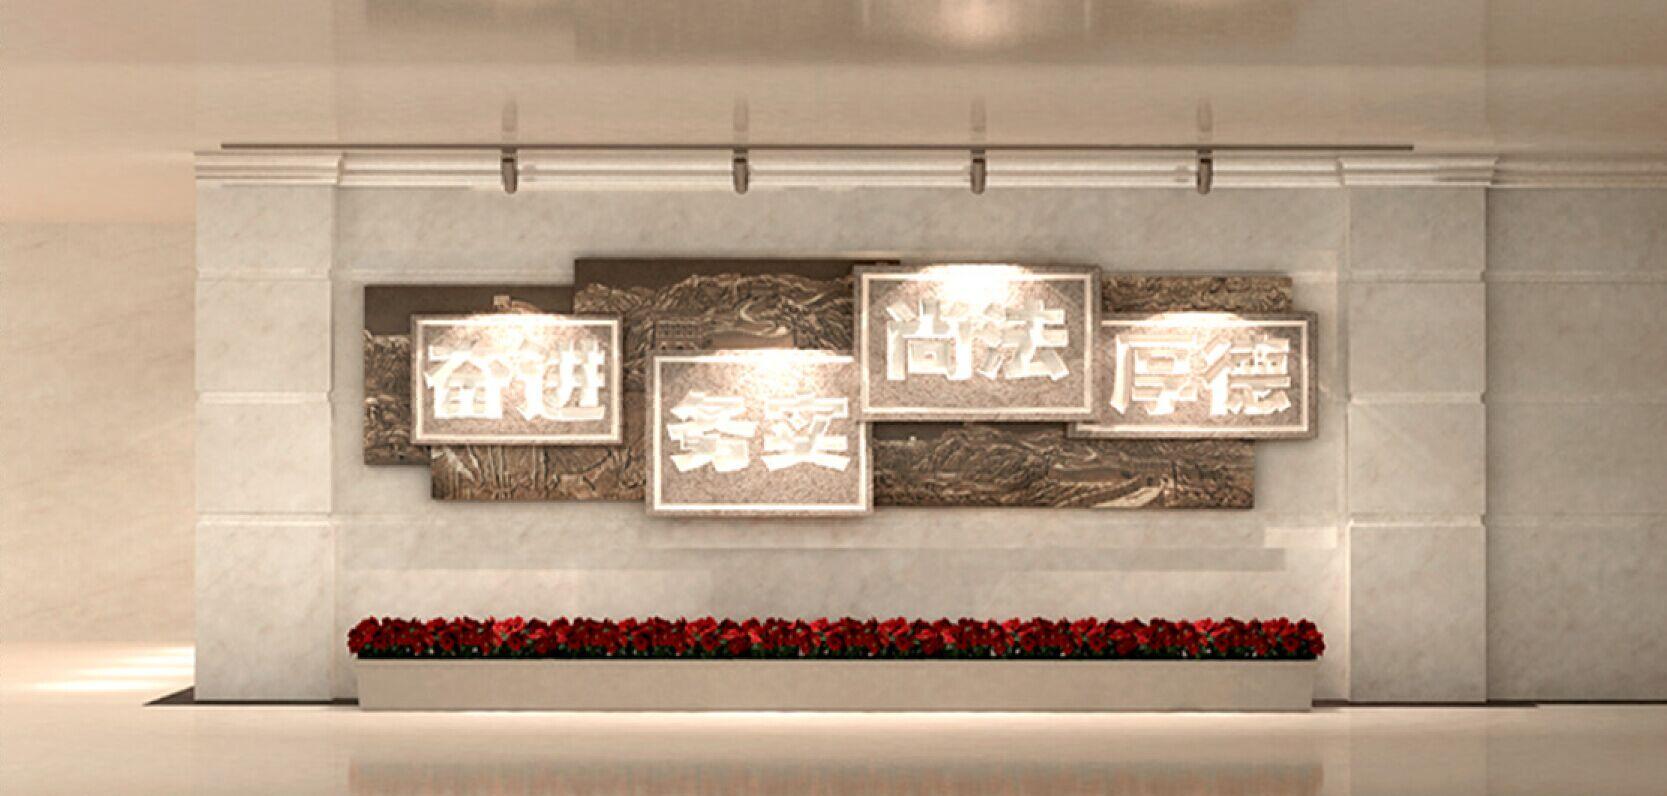 首页 新科产品中心 校园文化整体设计 校园浮雕     校园浮雕墙与所有